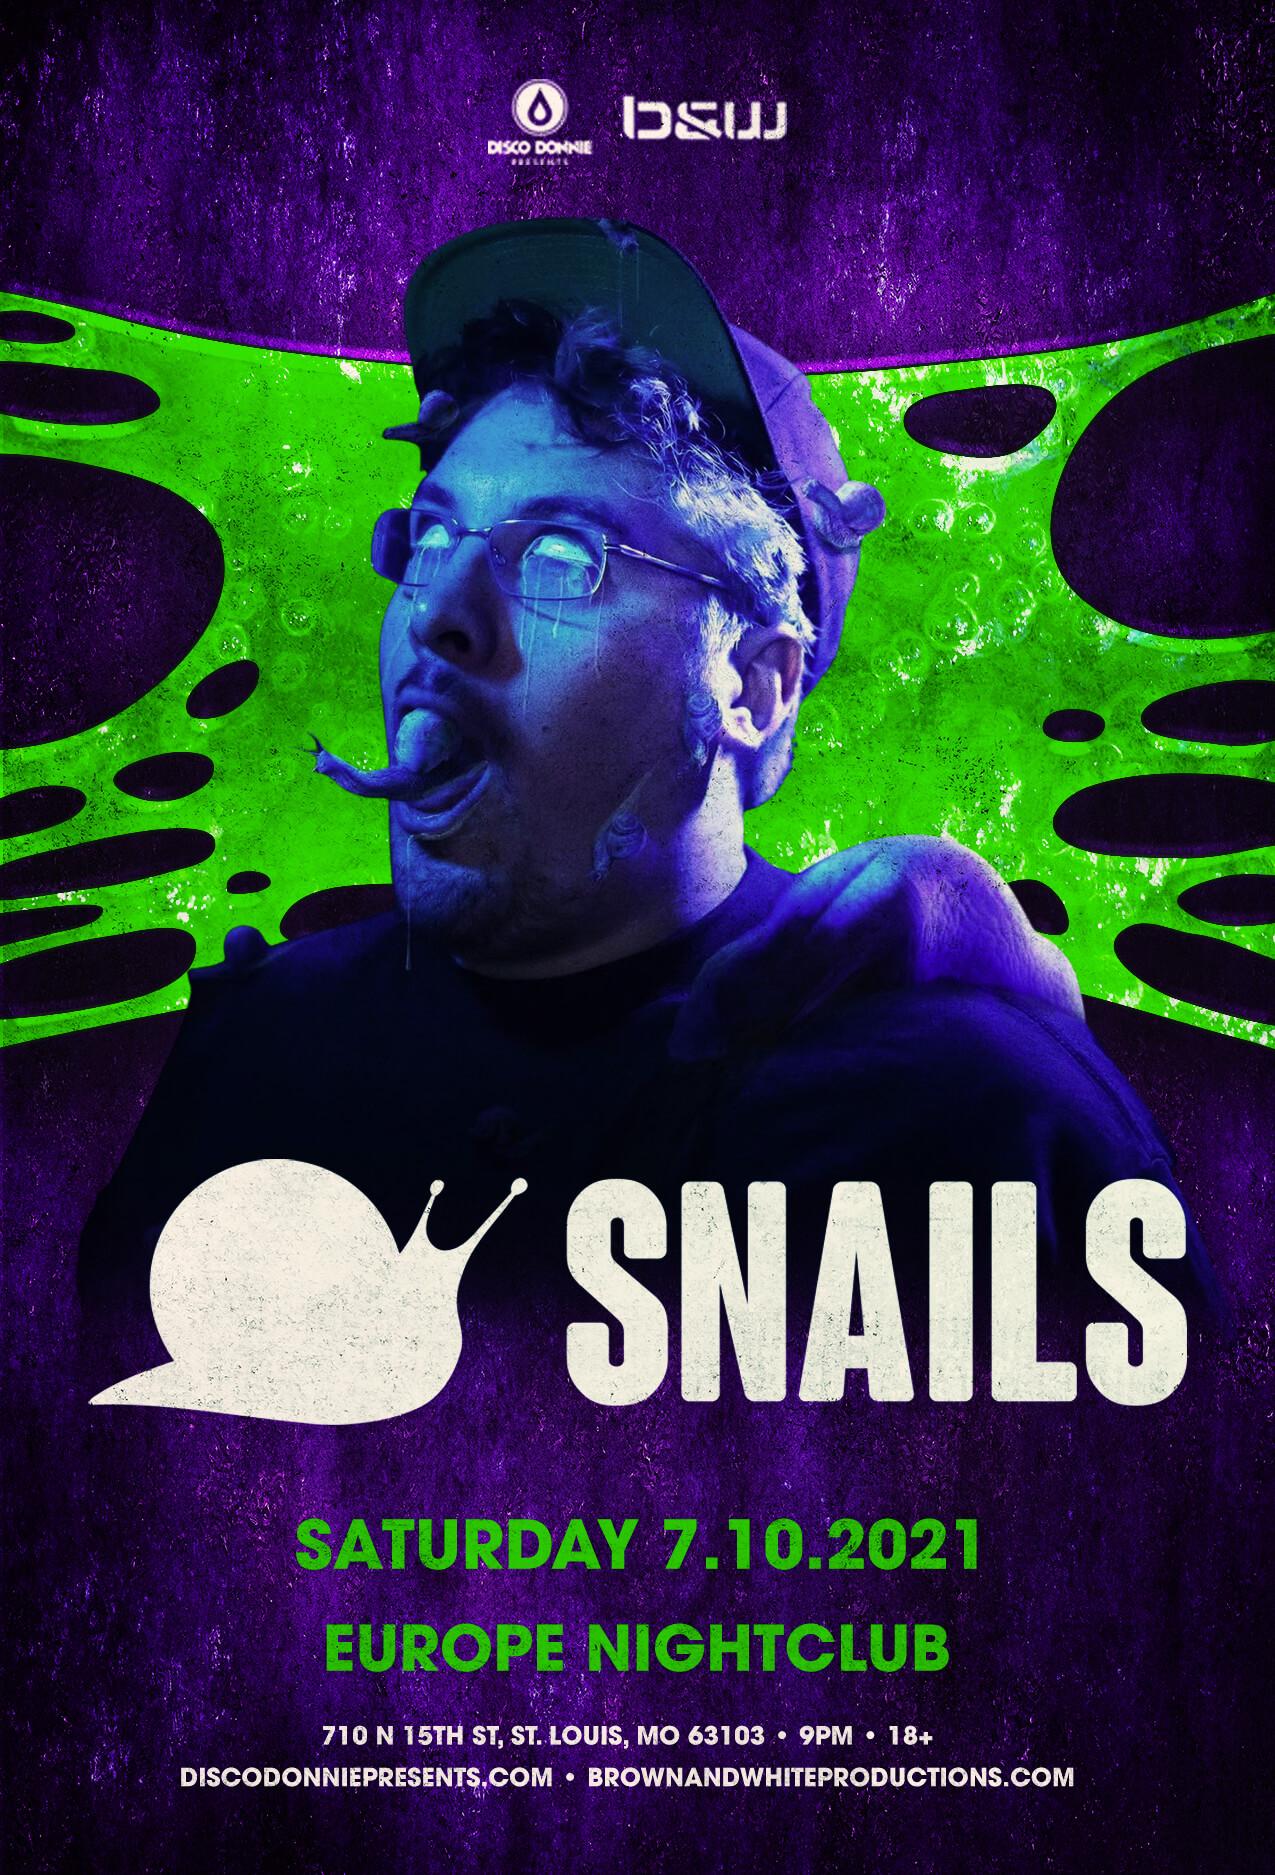 Snails in St Louis